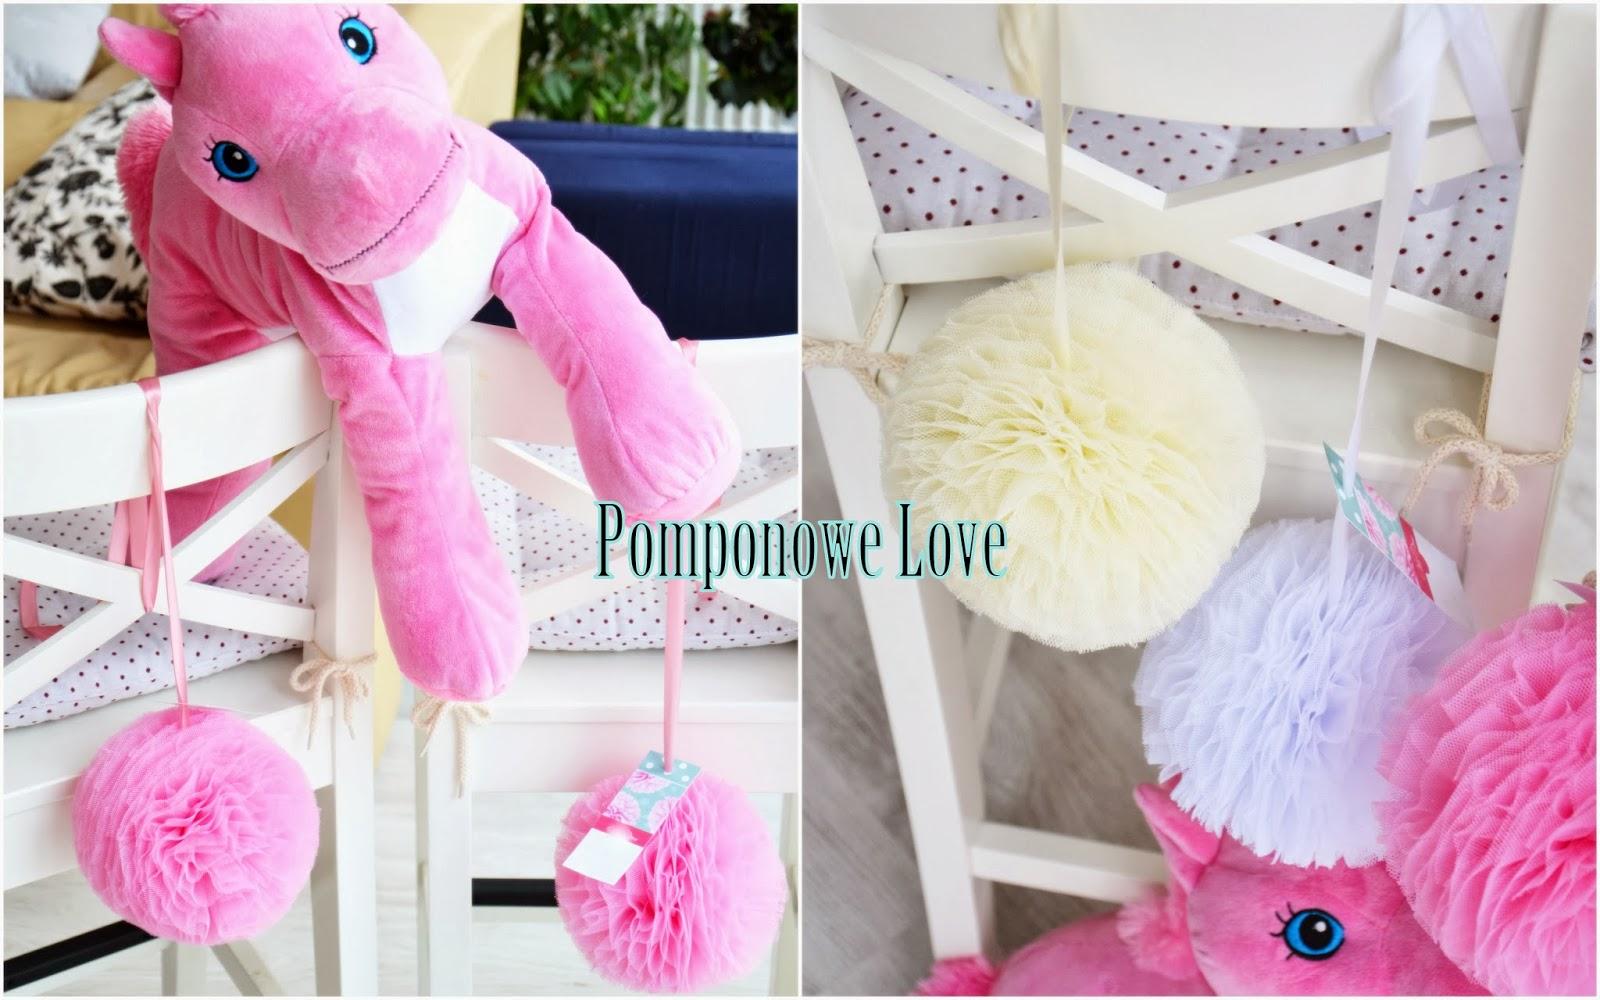 Dekokracja: Pompony tiulowe - dekoracja pokoju dziecka, prezent dla dziecka na urodziny, sesje ...